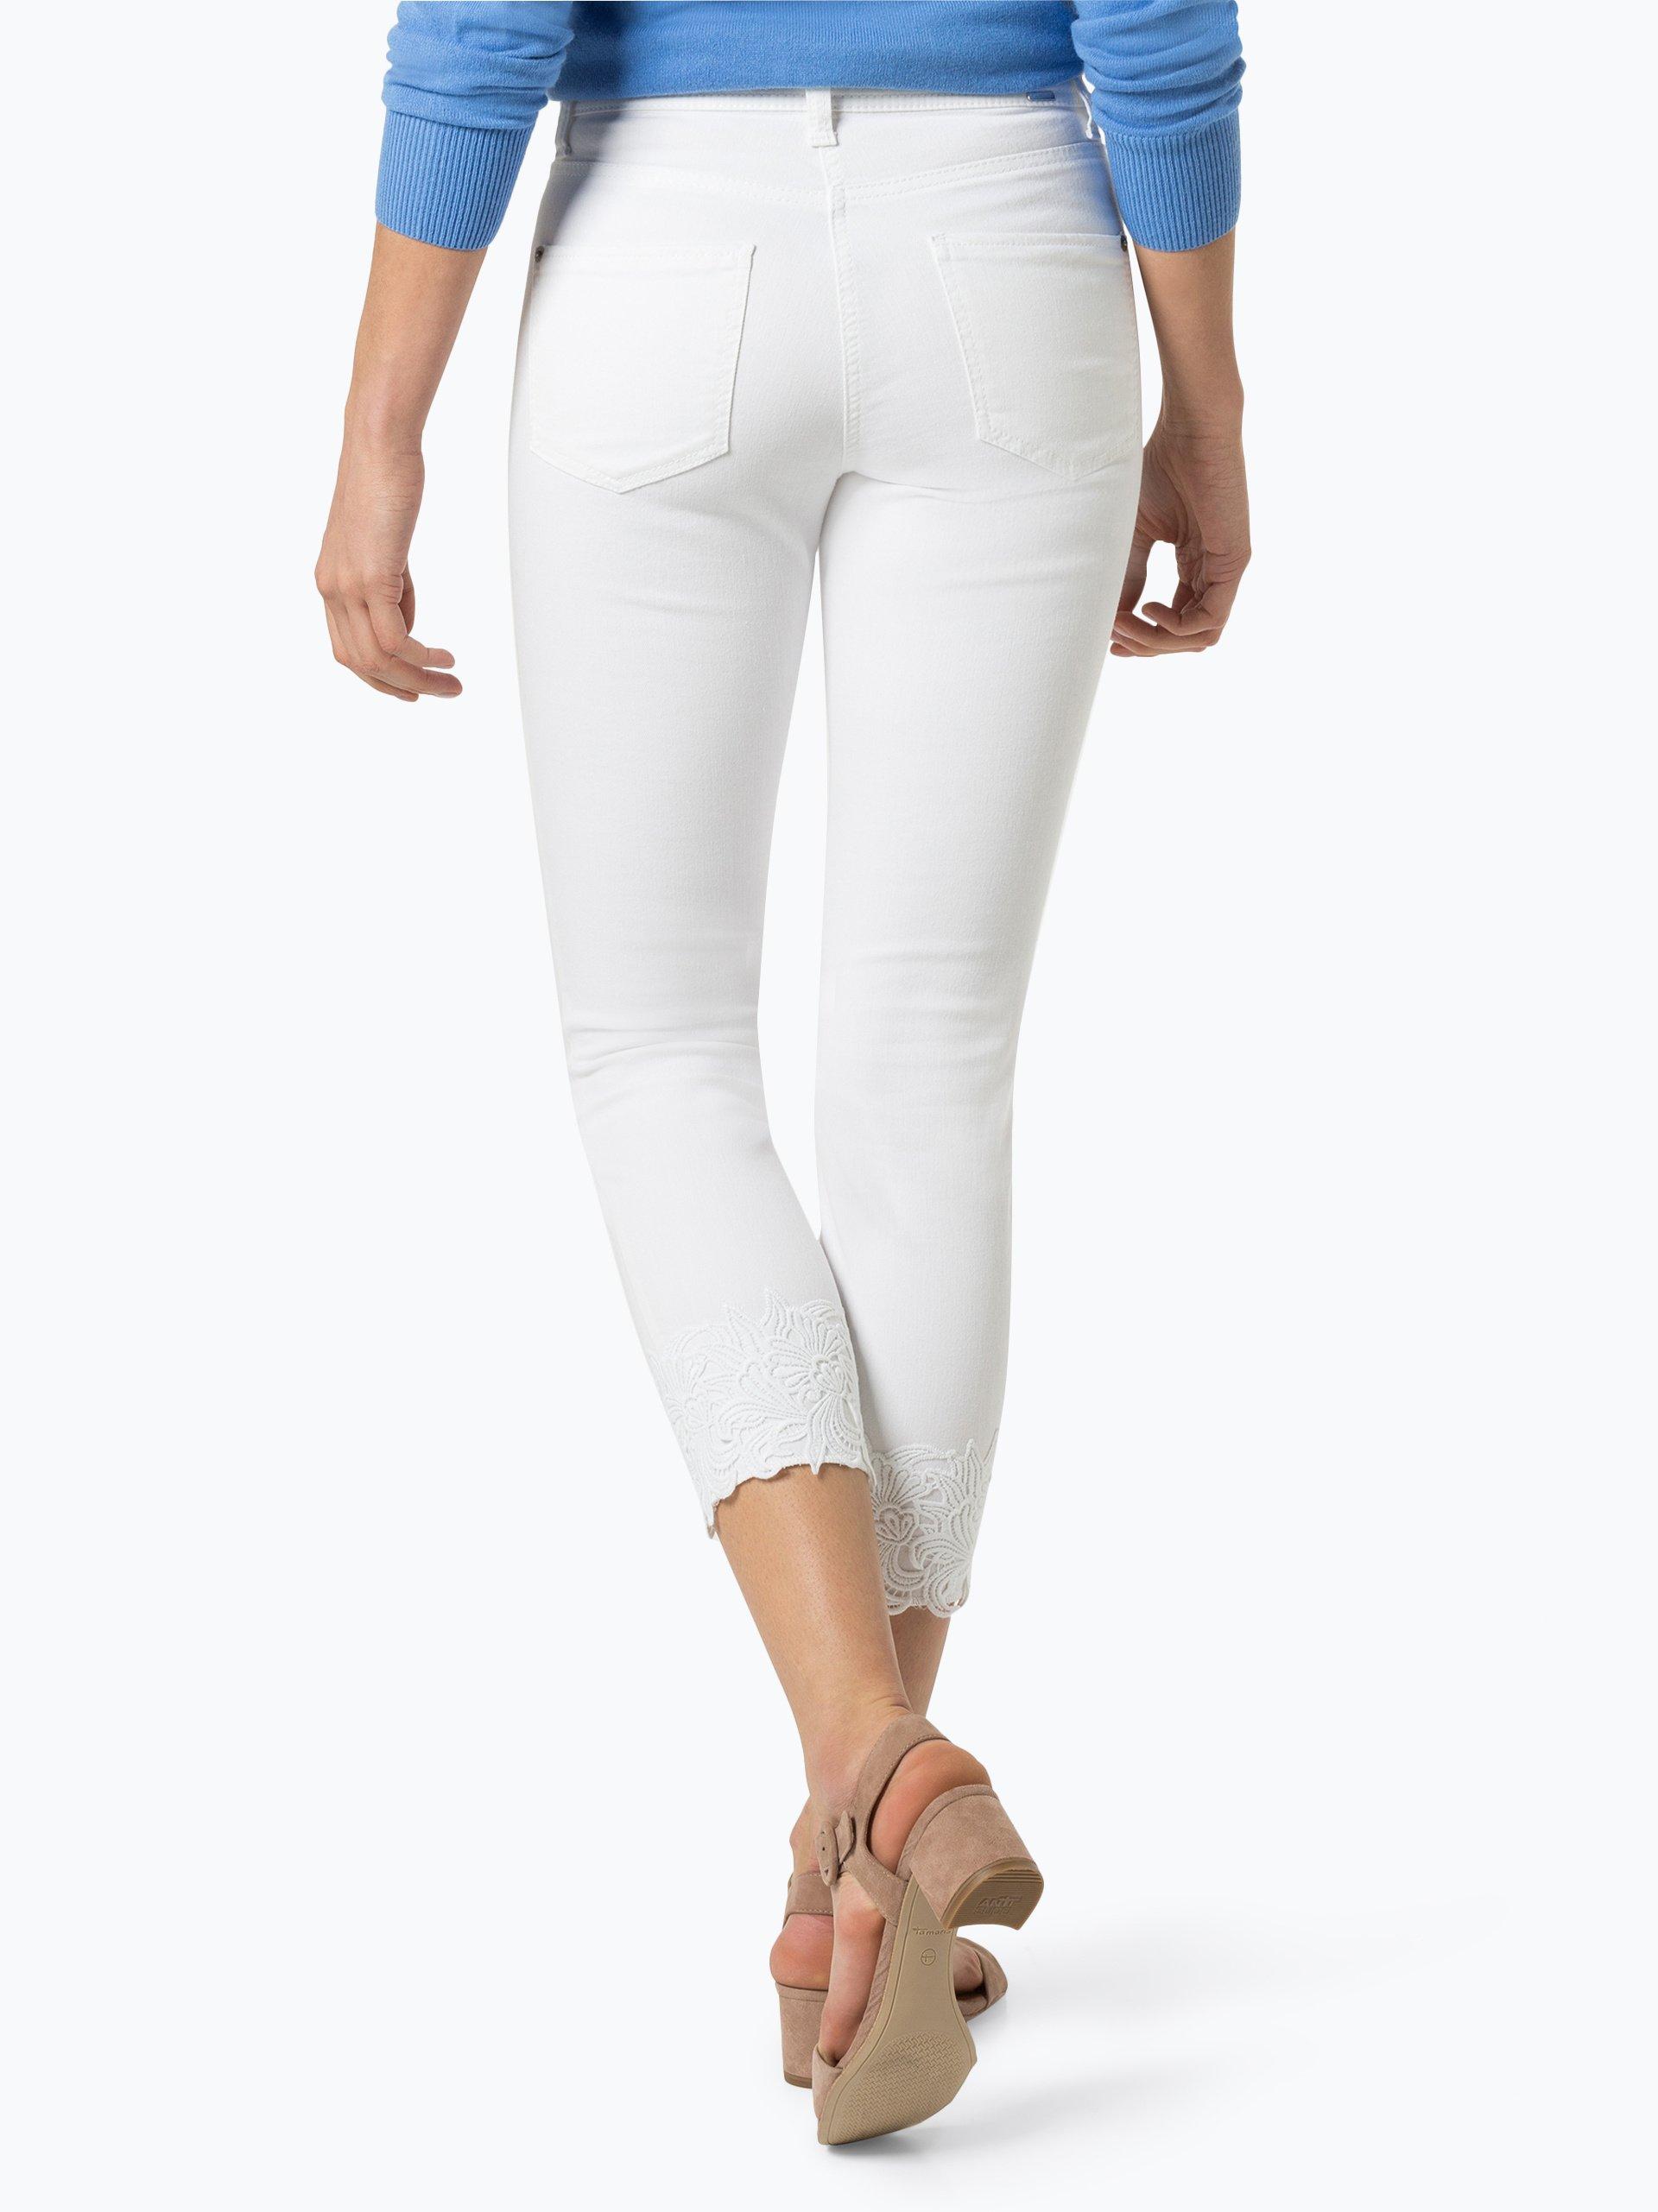 Cambio Damen Jeans - Parla 7/8